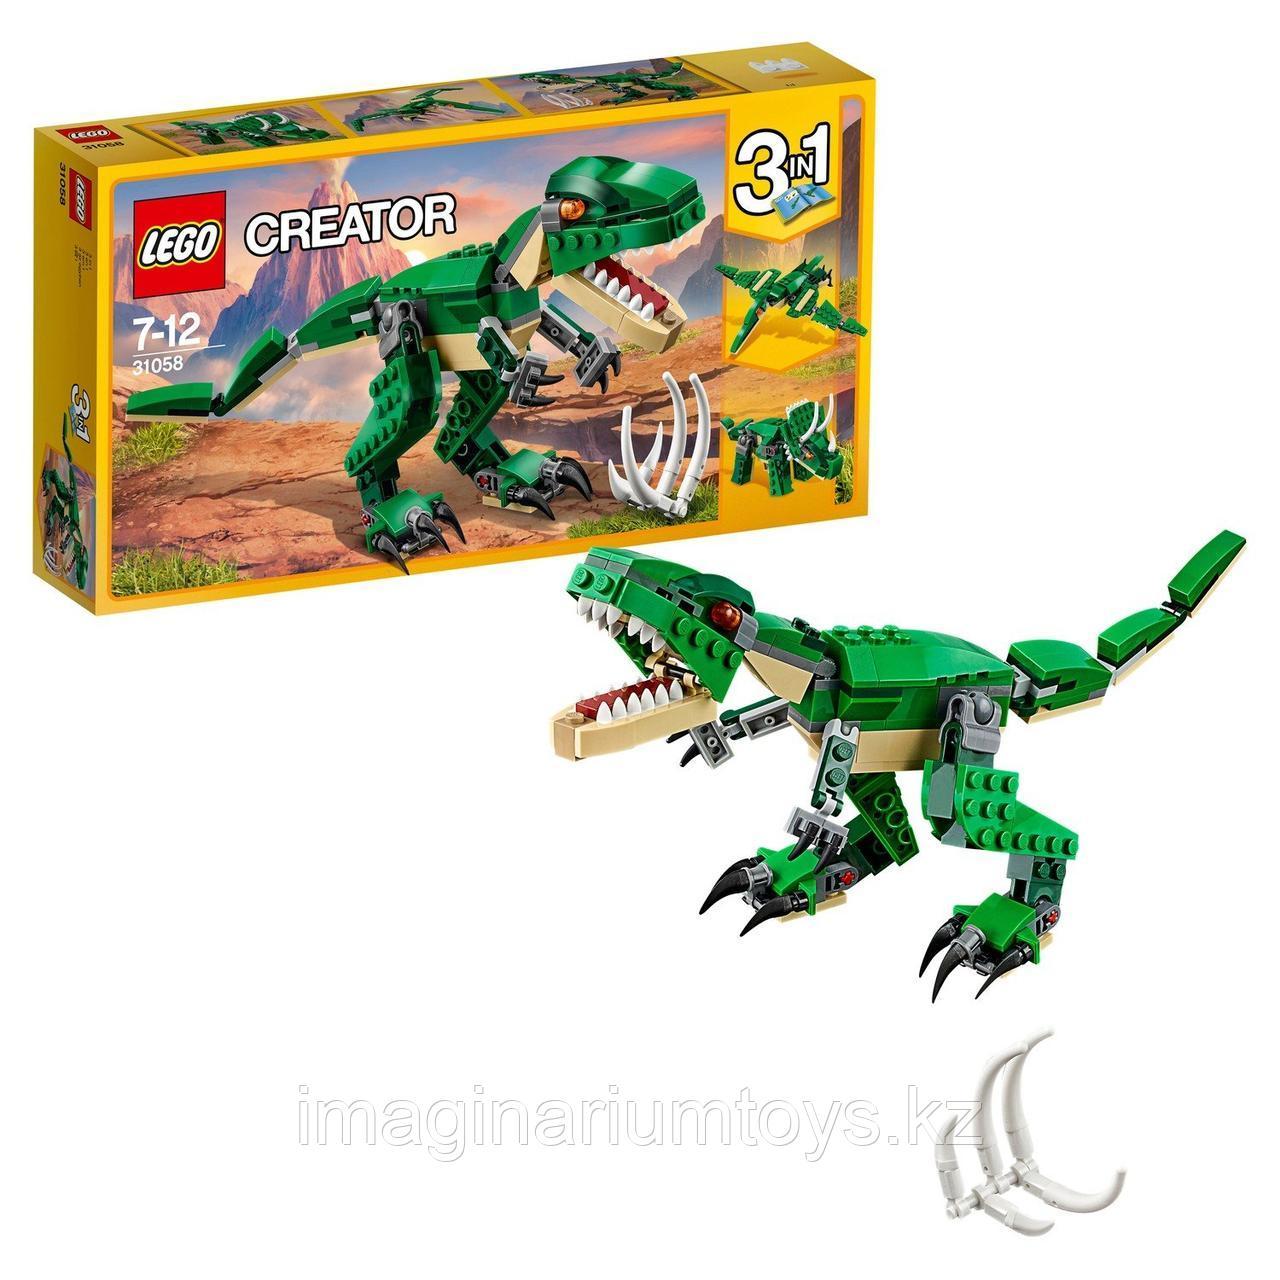 LEGO Creator конструктор 3 в 1 Грозный динозавр 31058